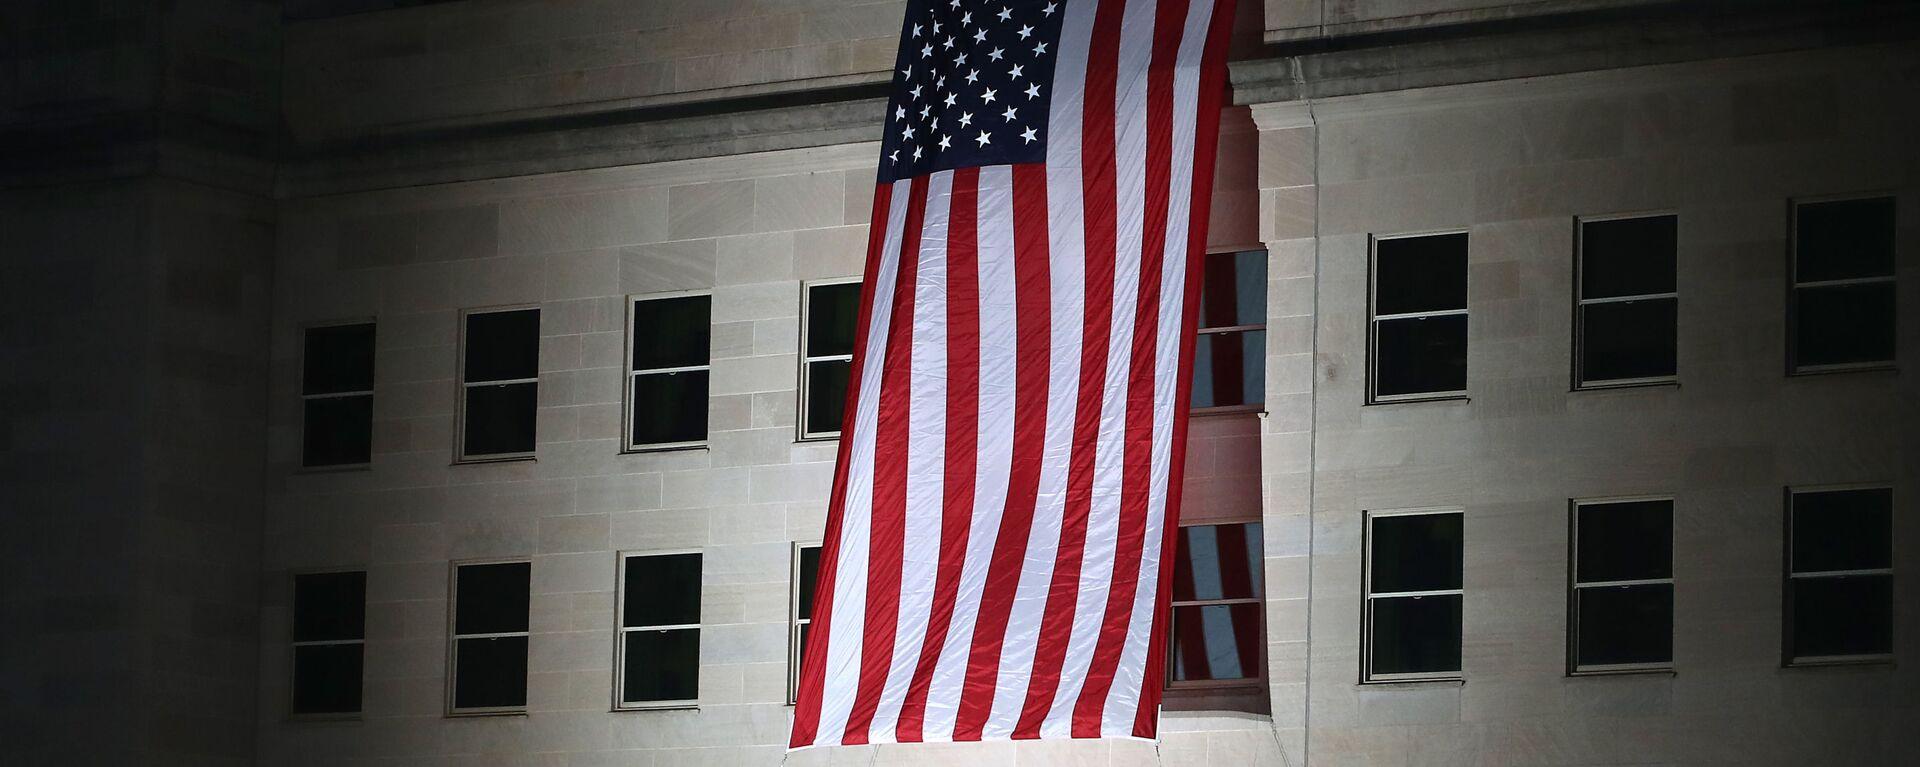 Αμερικανική σημαία στο Πεντάγωνο των ΗΠΑ - Sputnik Ελλάδα, 1920, 31.08.2021